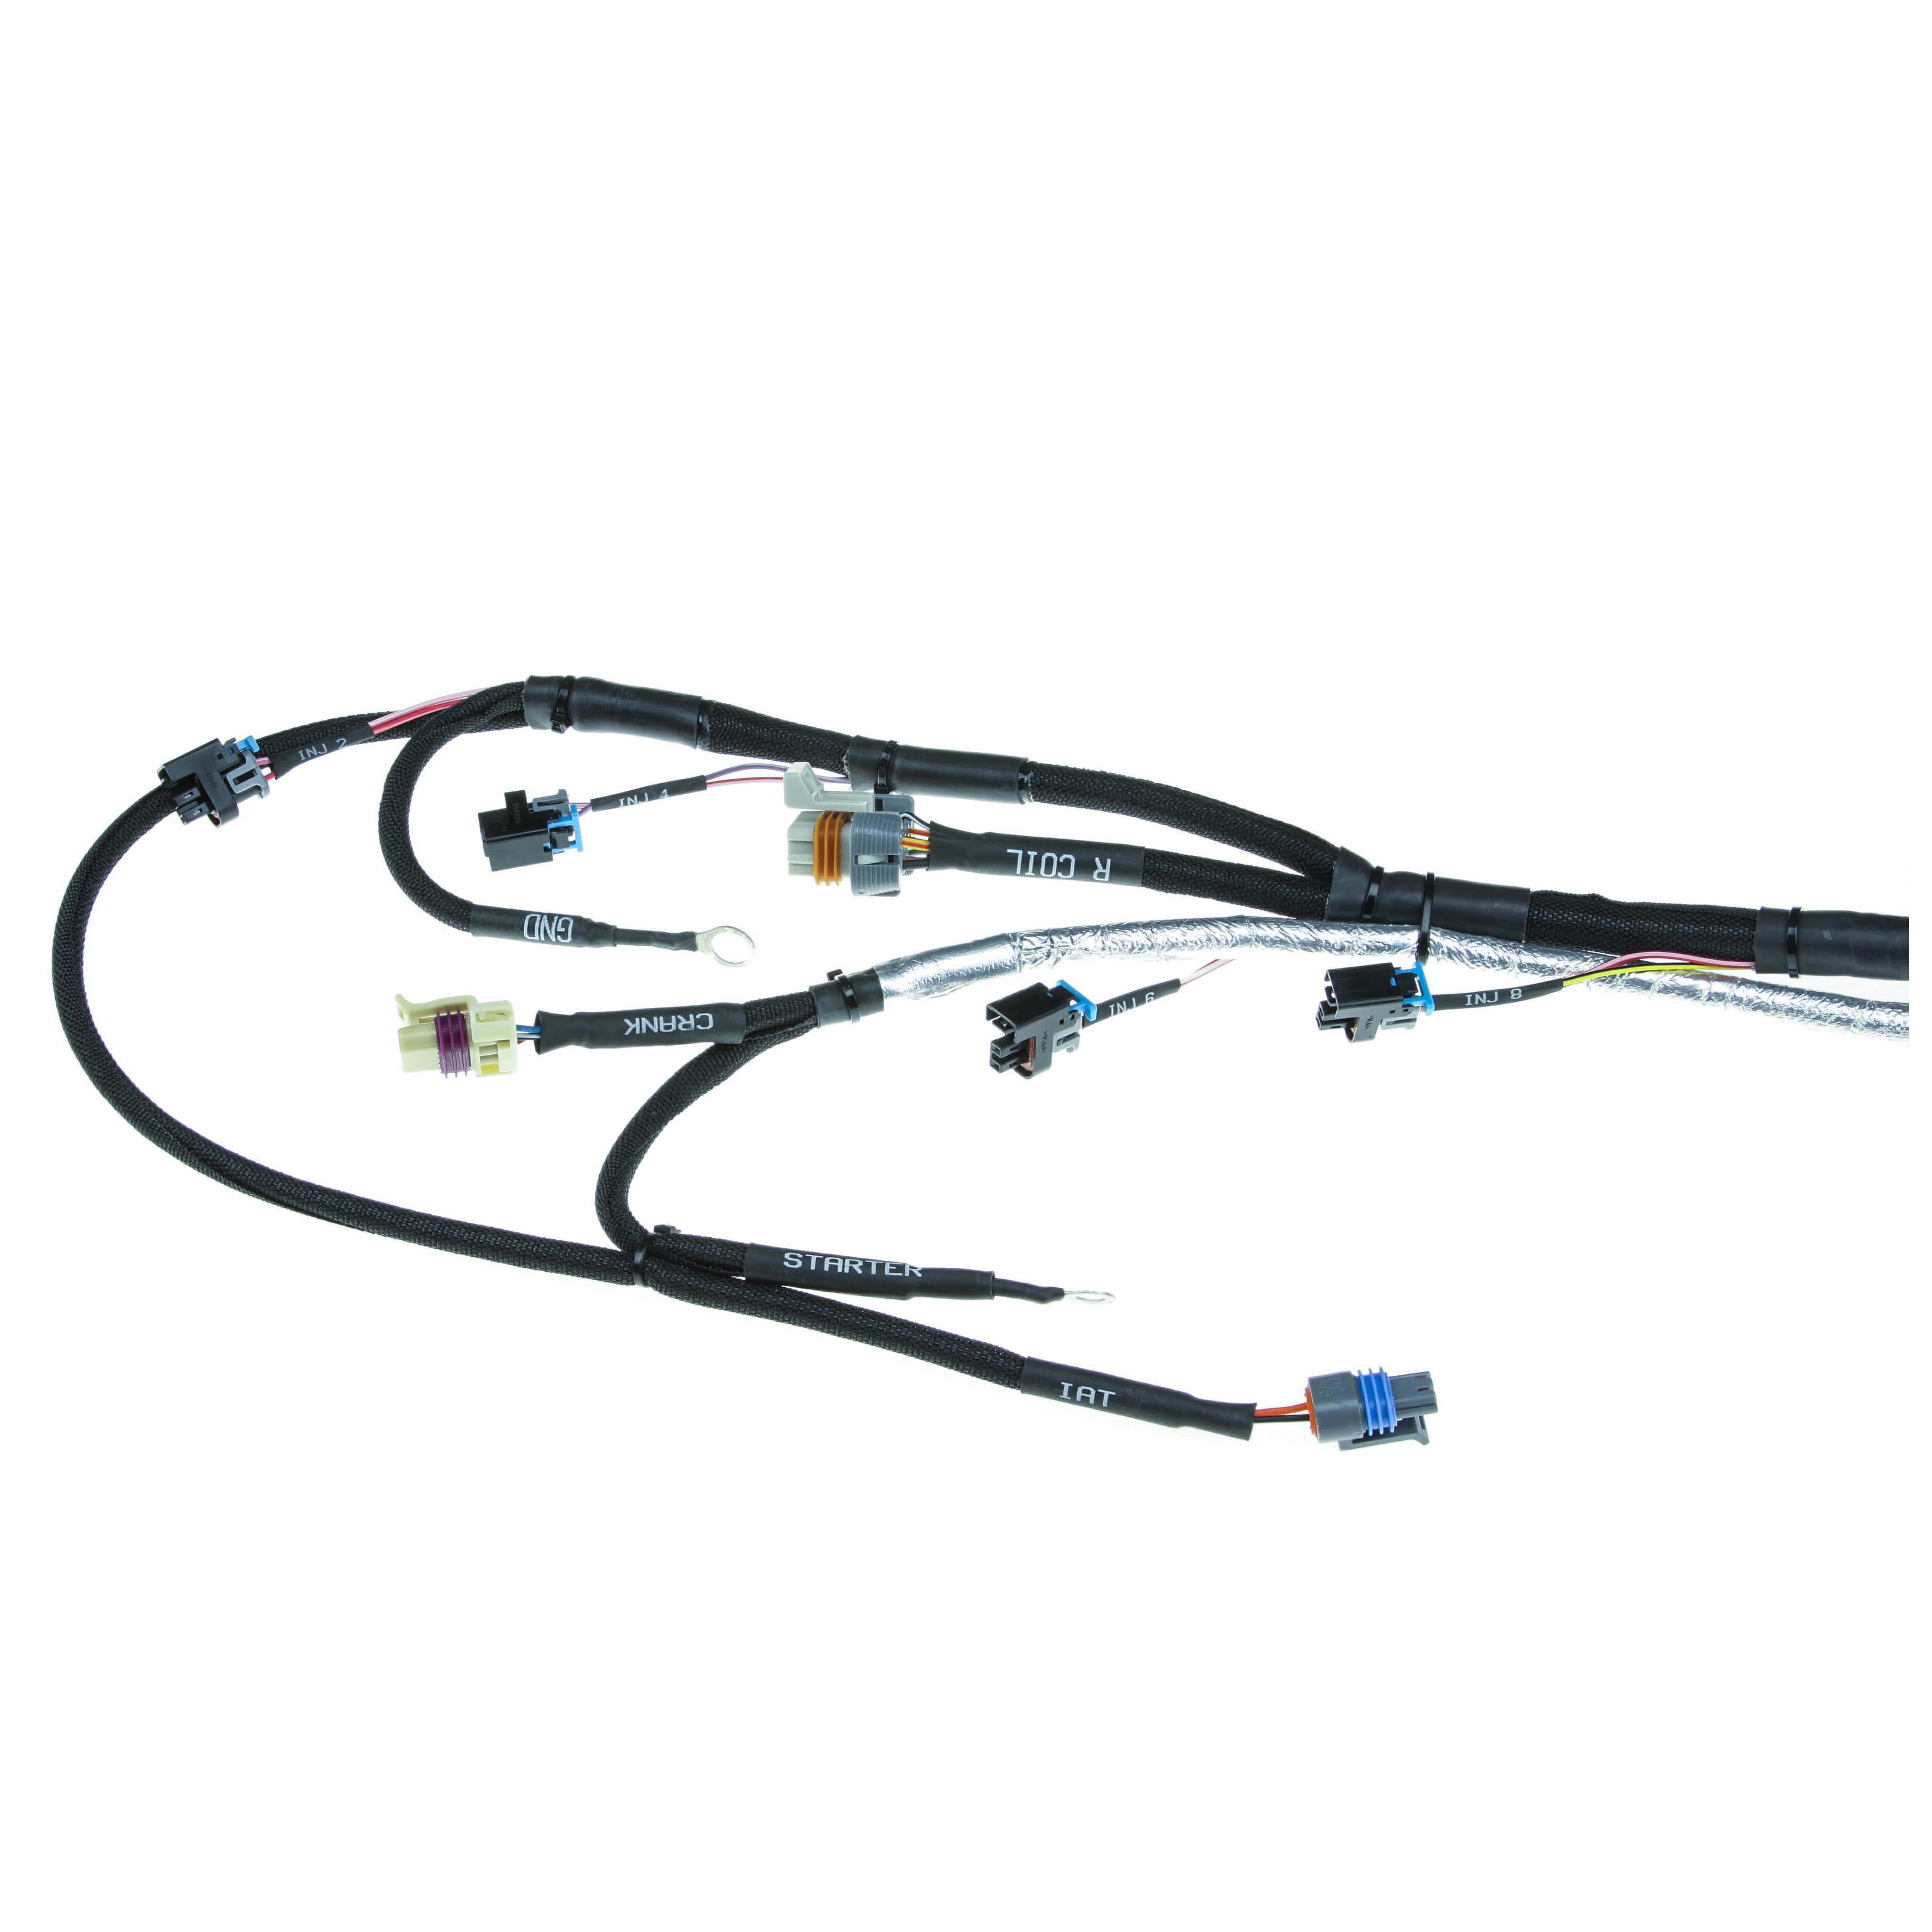 obd0 to obd1 conversion harness wiring diagram images wiring harness obd0 to obd1 conversion harness alpine stereo harness